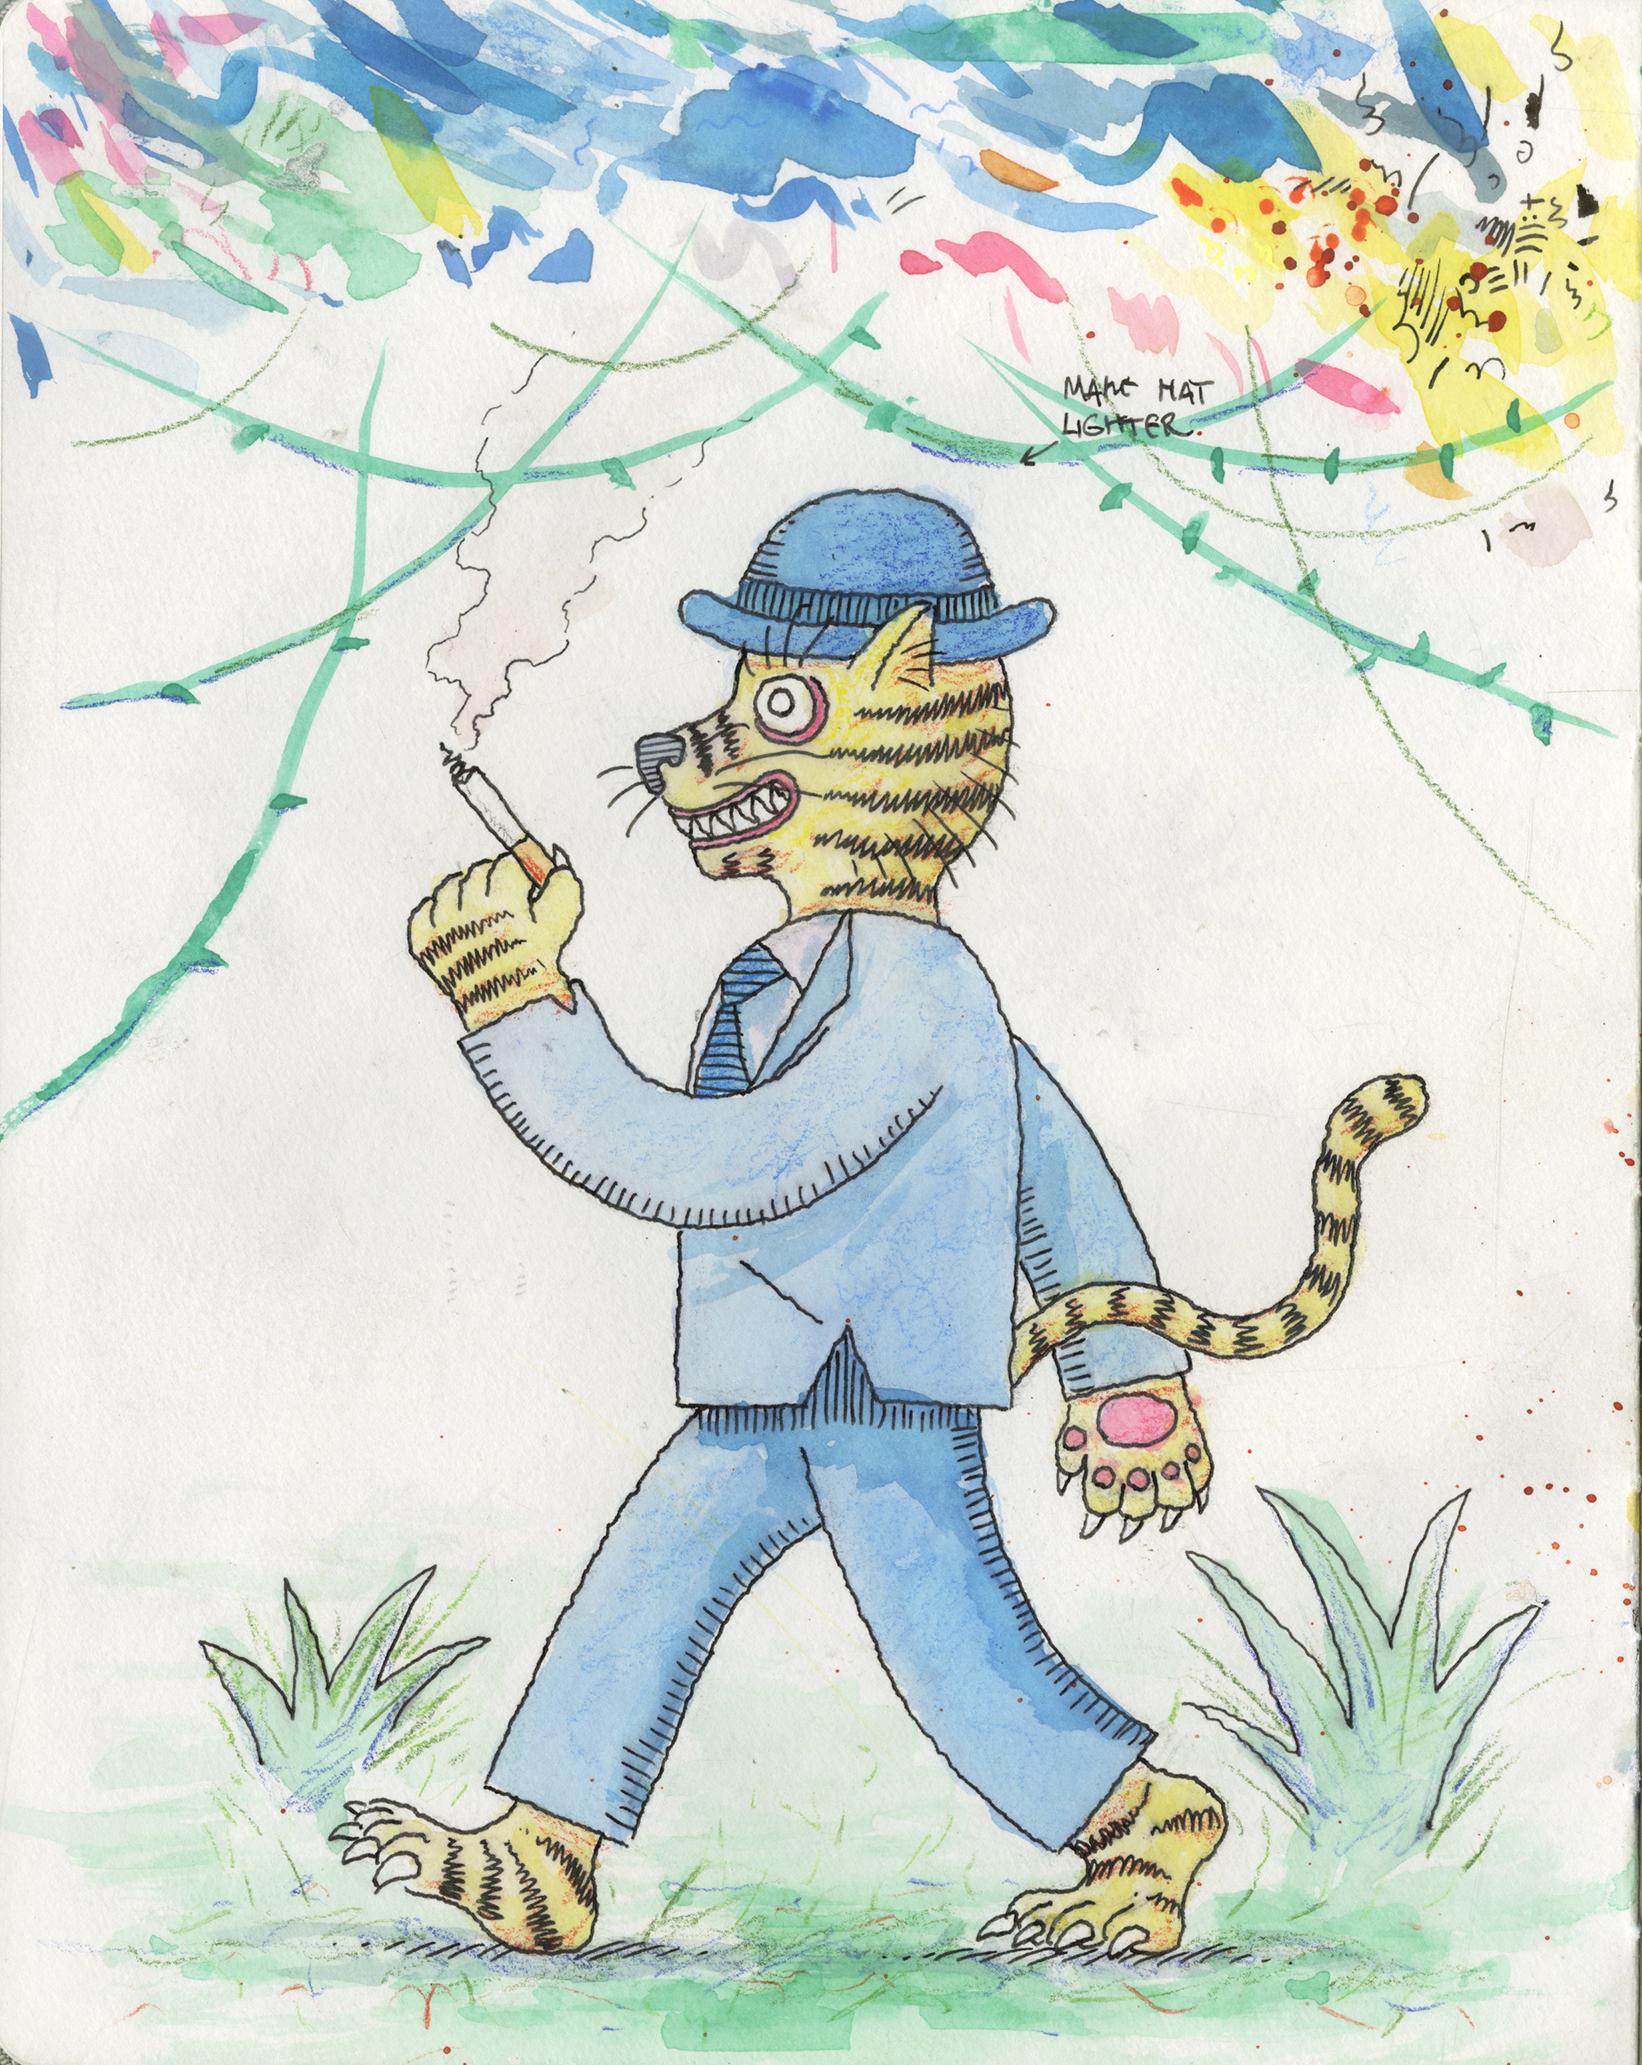 watercolor_sketchbook_w_edits_pg4.jpg